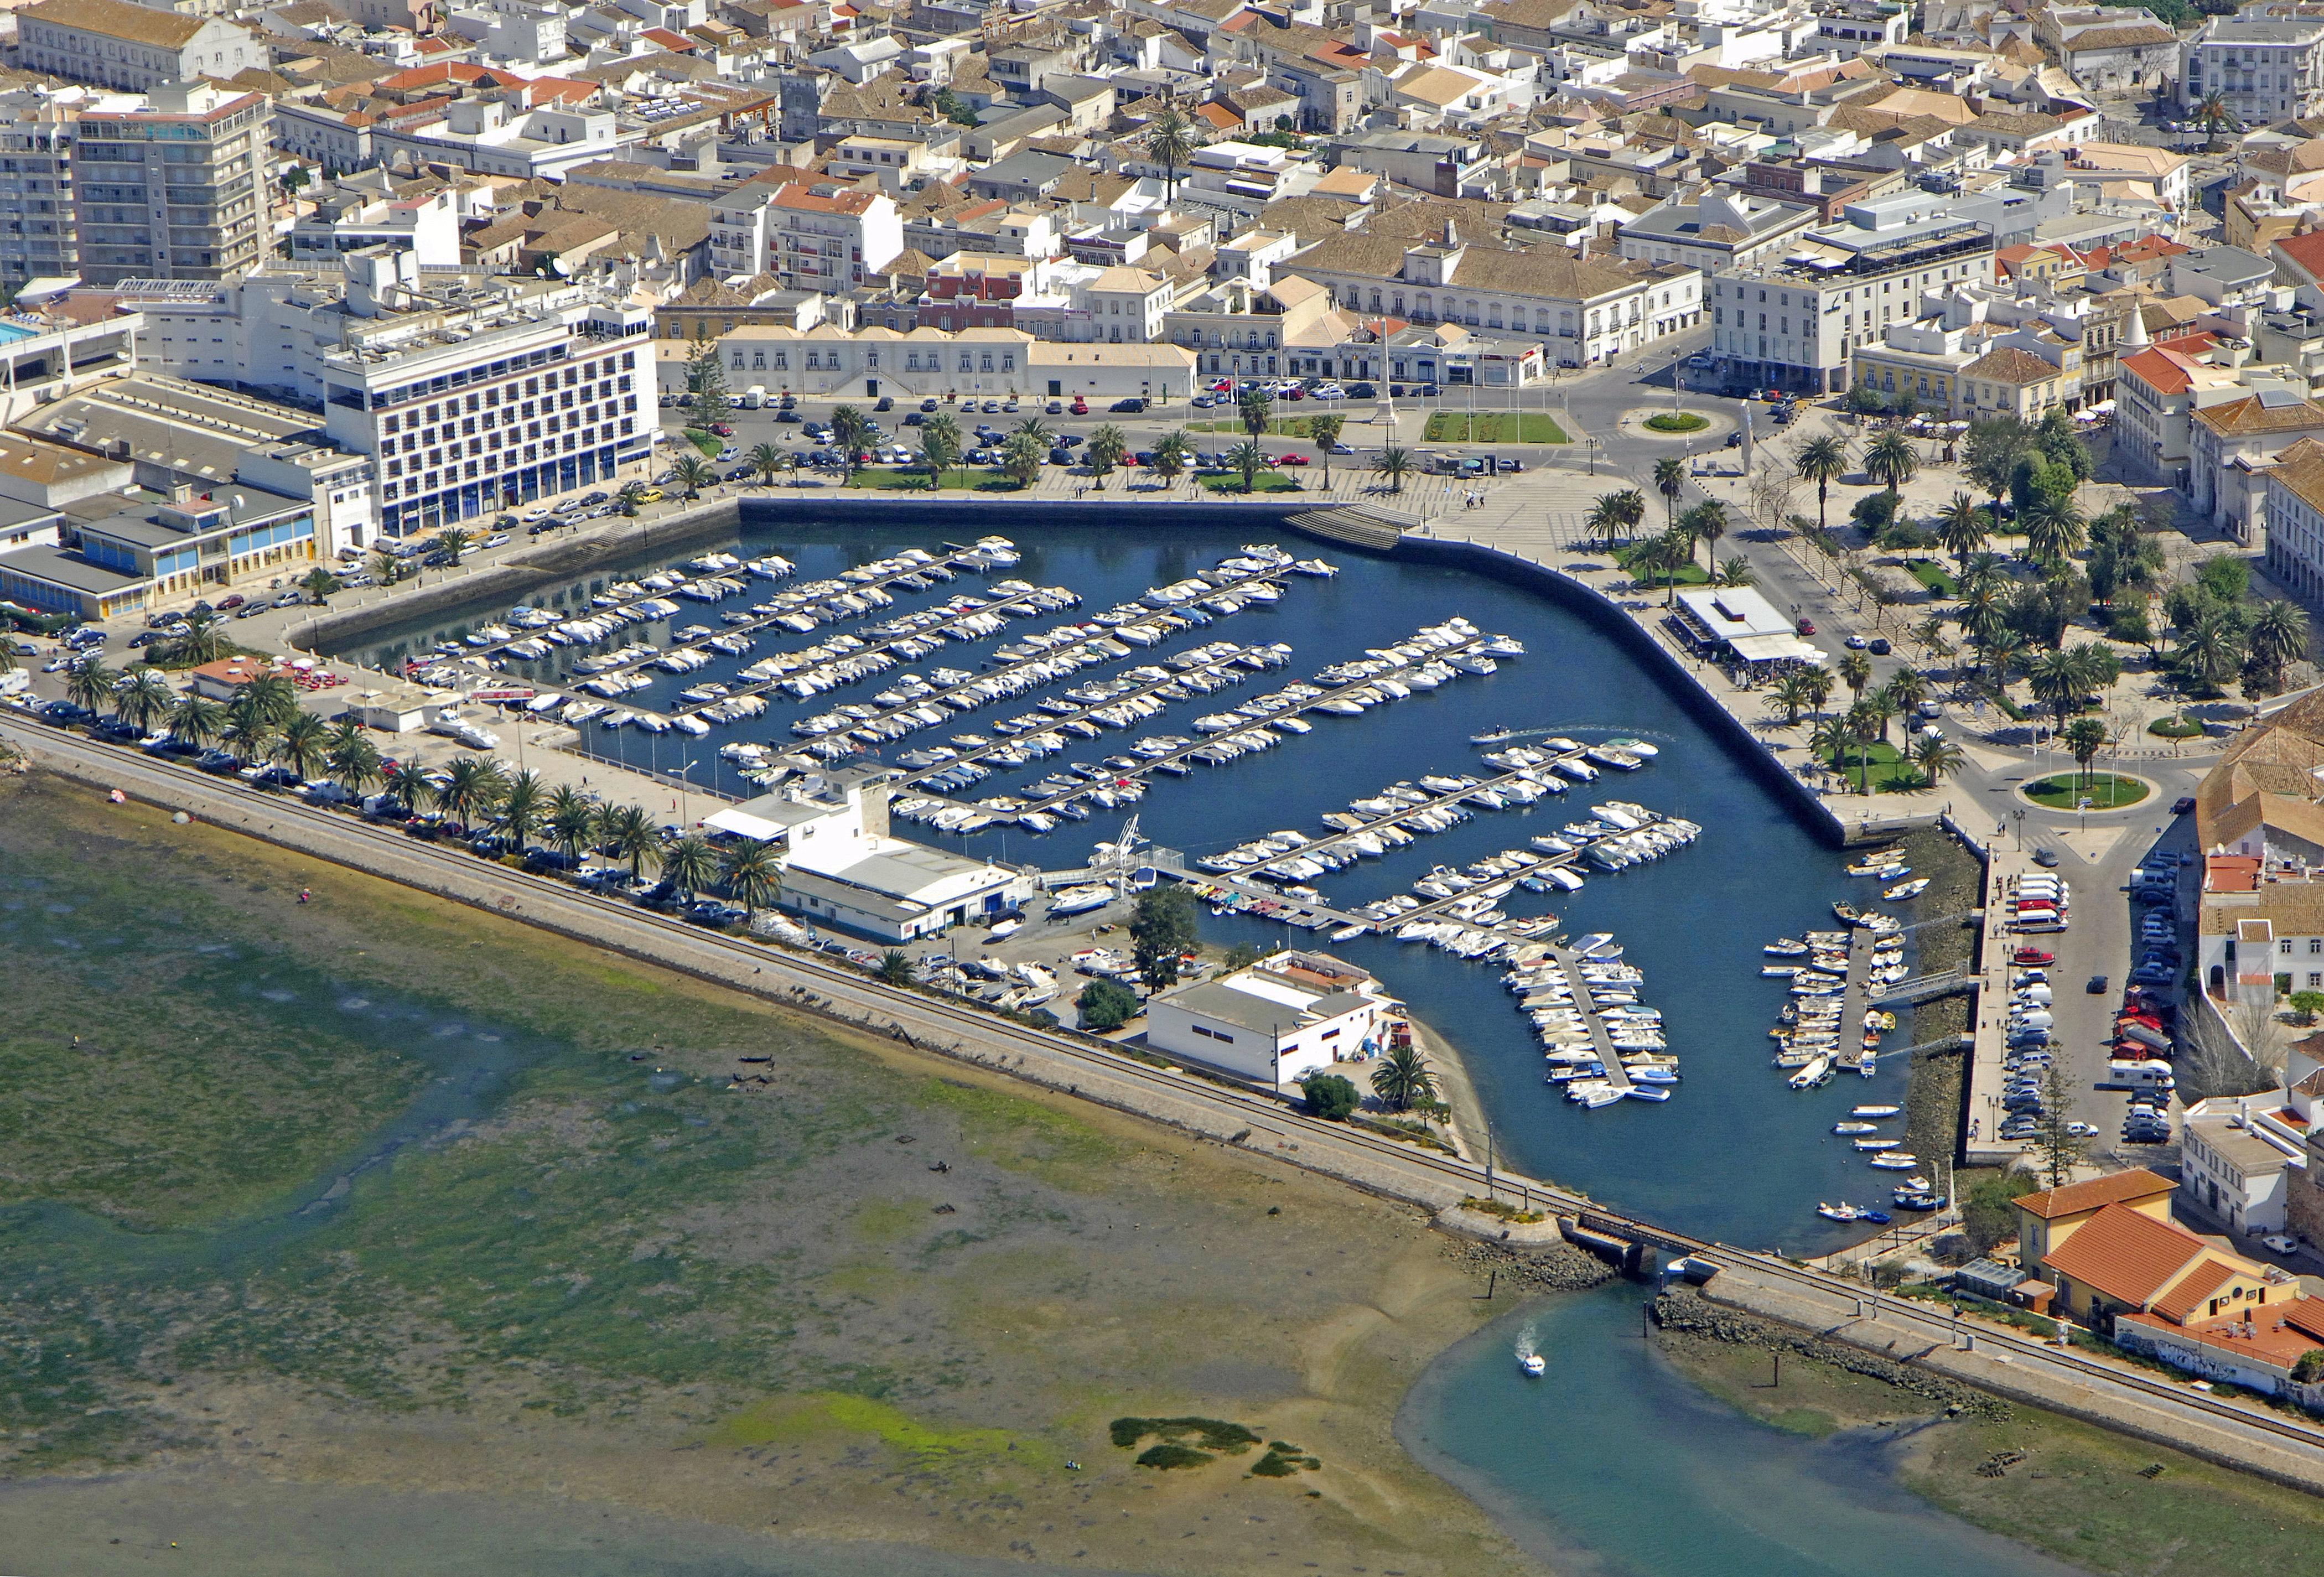 Faro Marina In Faro, Portugal